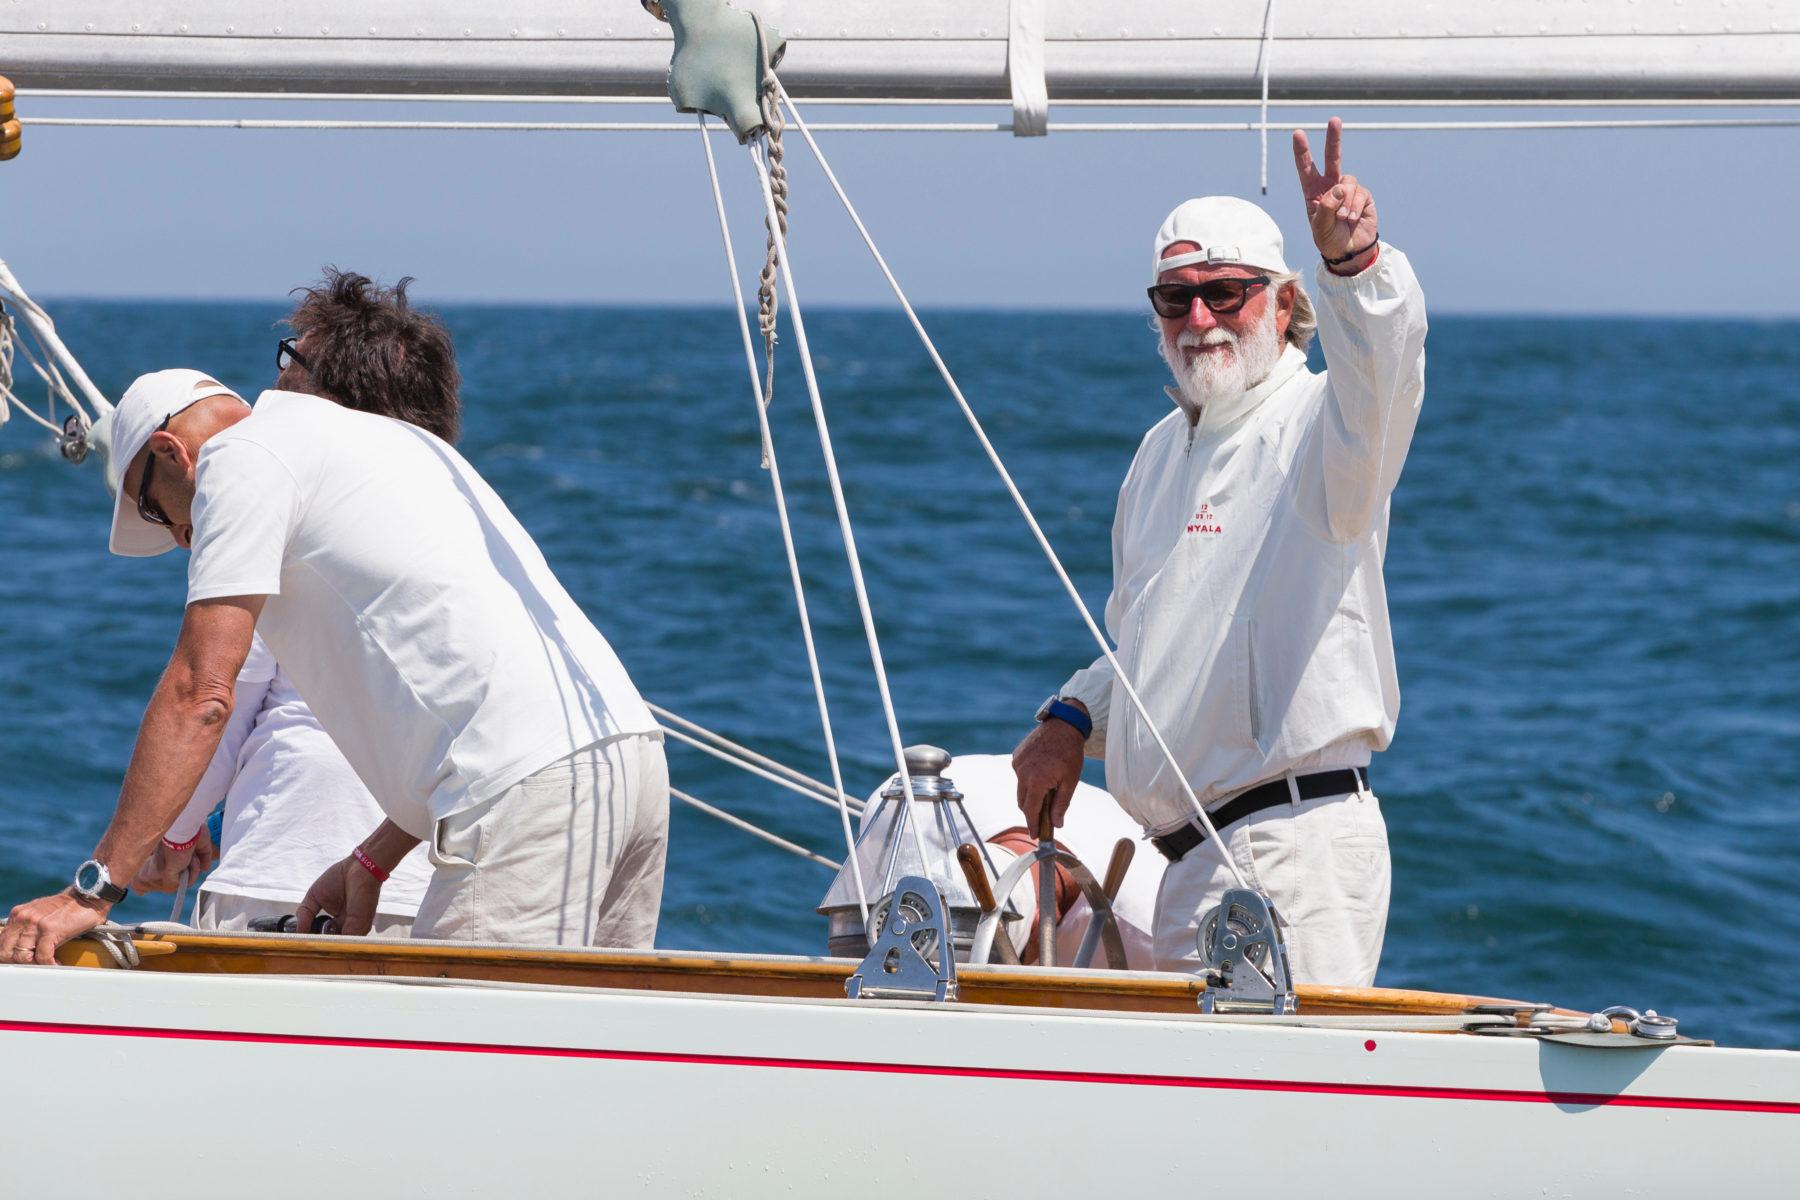 Mauro Pelaschier vittorioso al Mondiale 12m S.I. di Newport R.I. - NEWS - Yacht Club Costa Smeralda